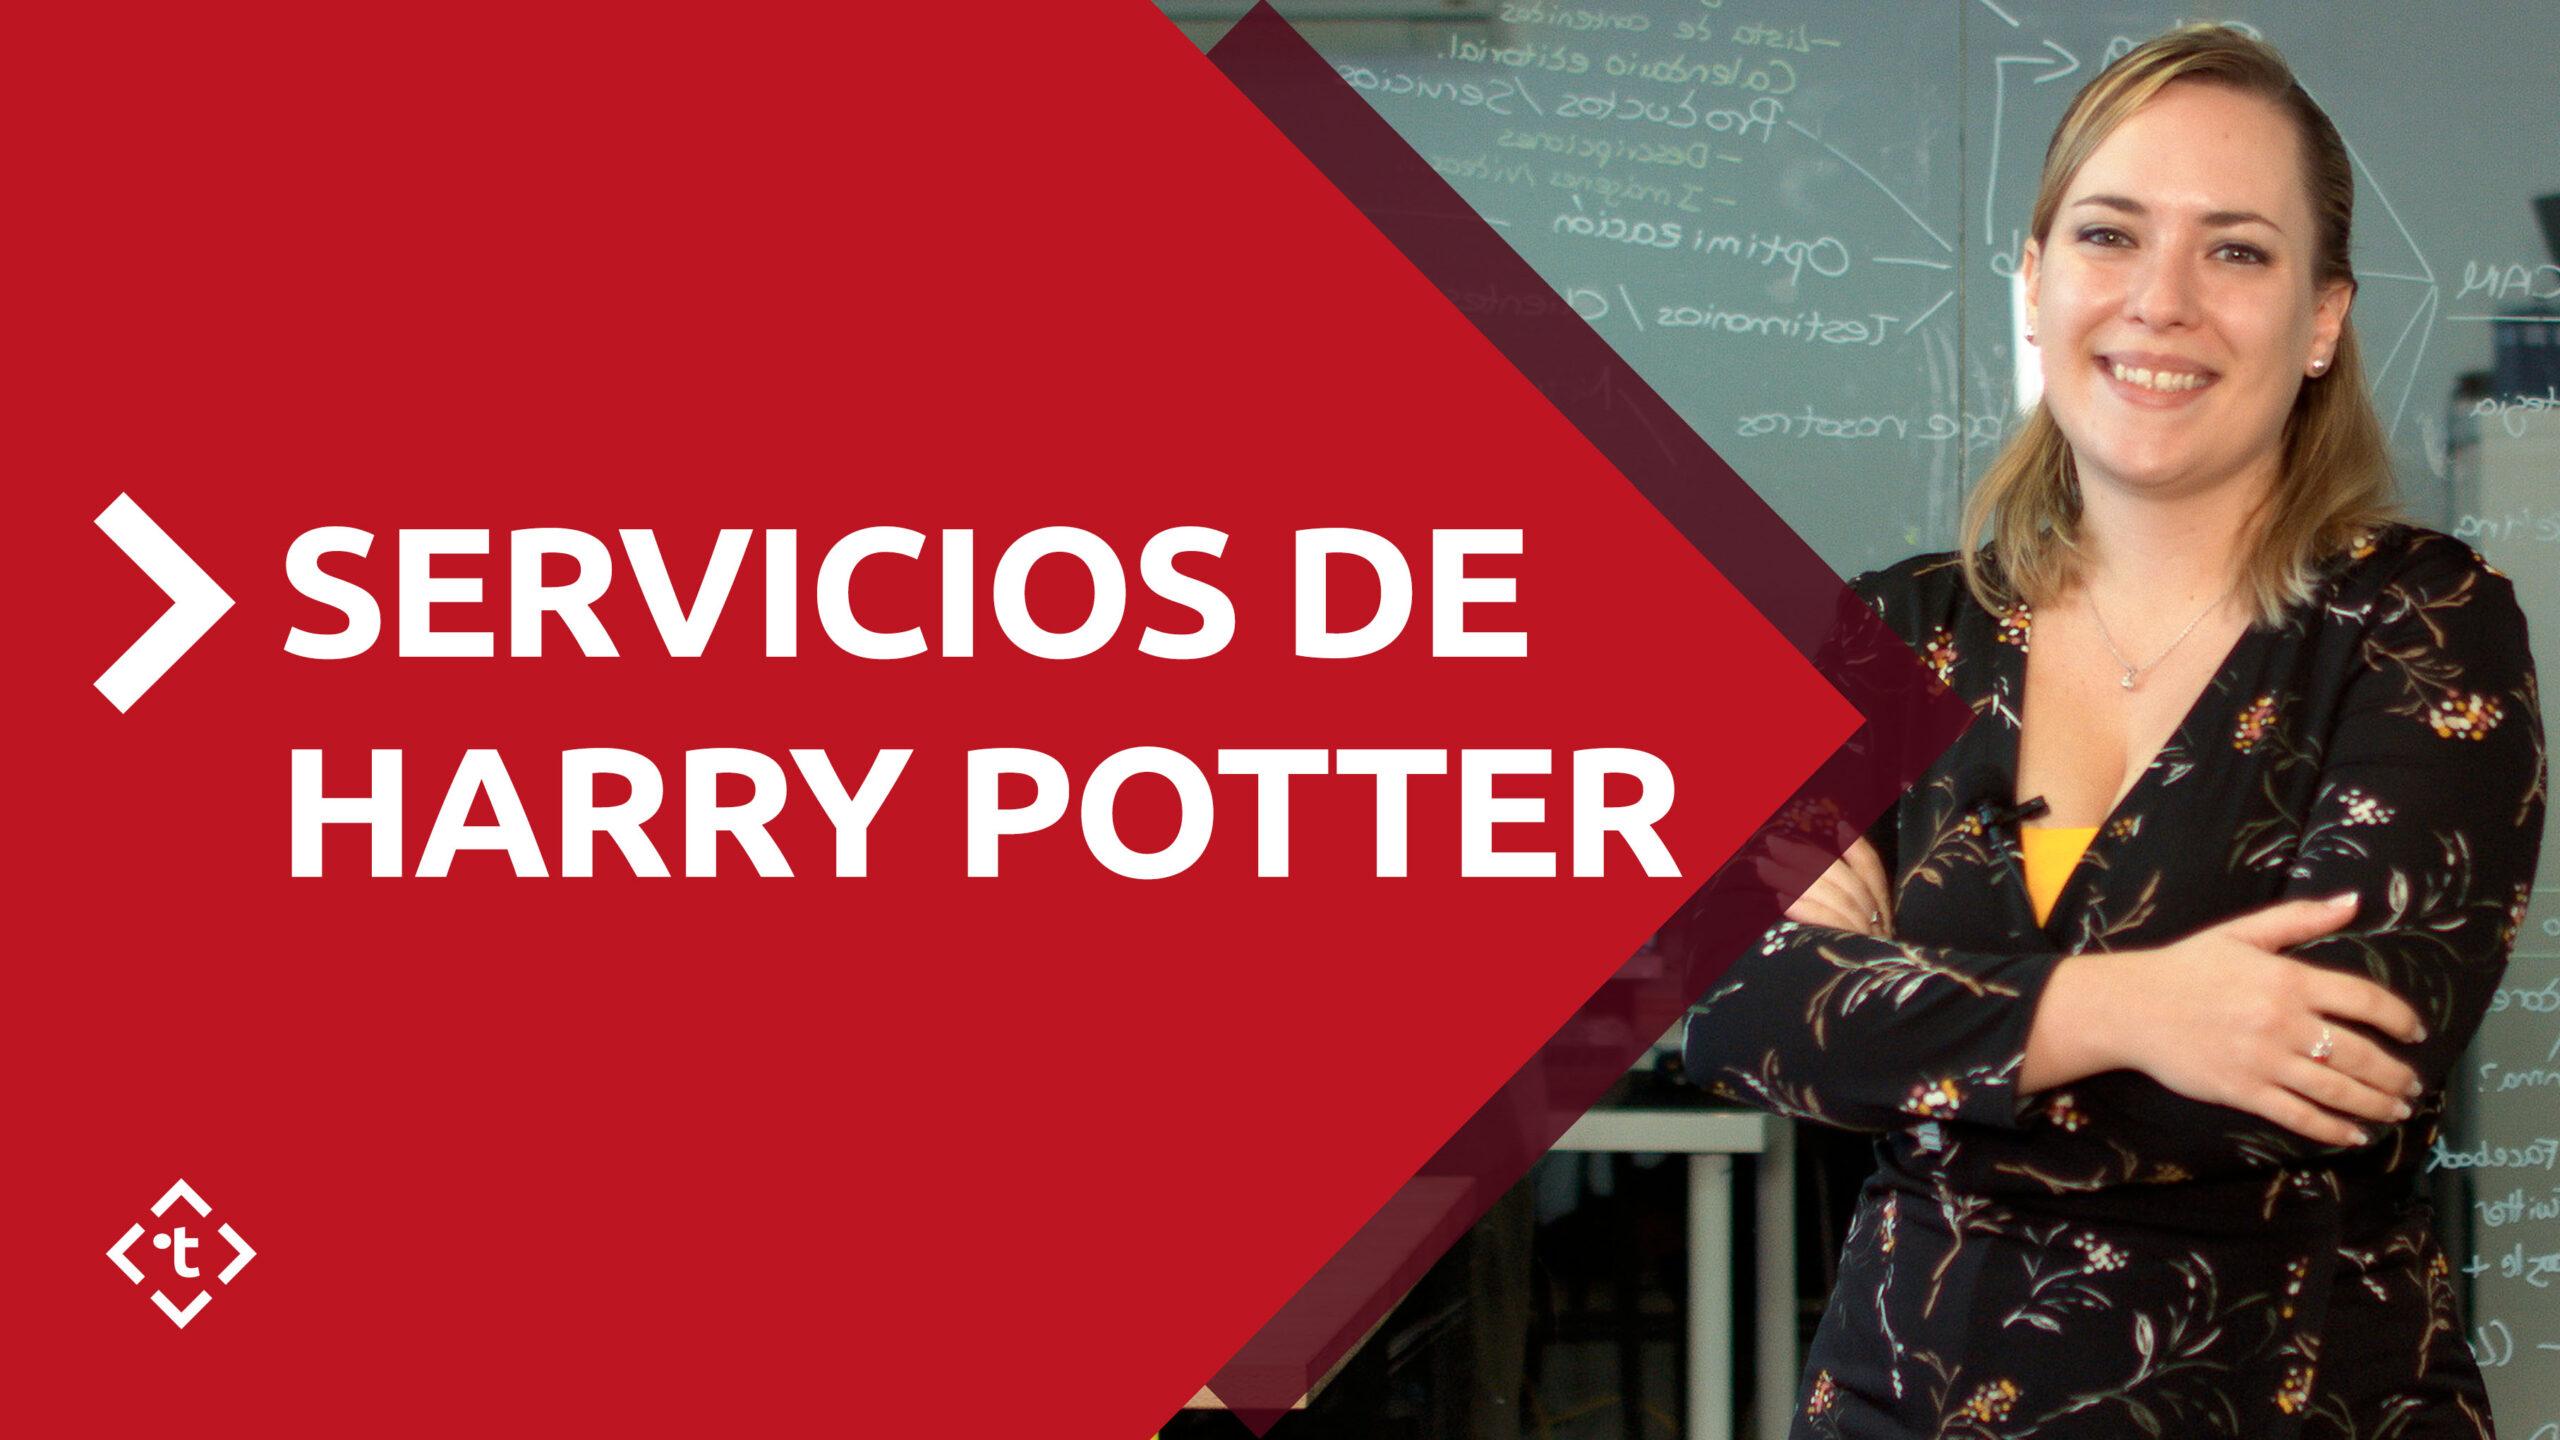 SERVICIOS DE HARRY POTTER